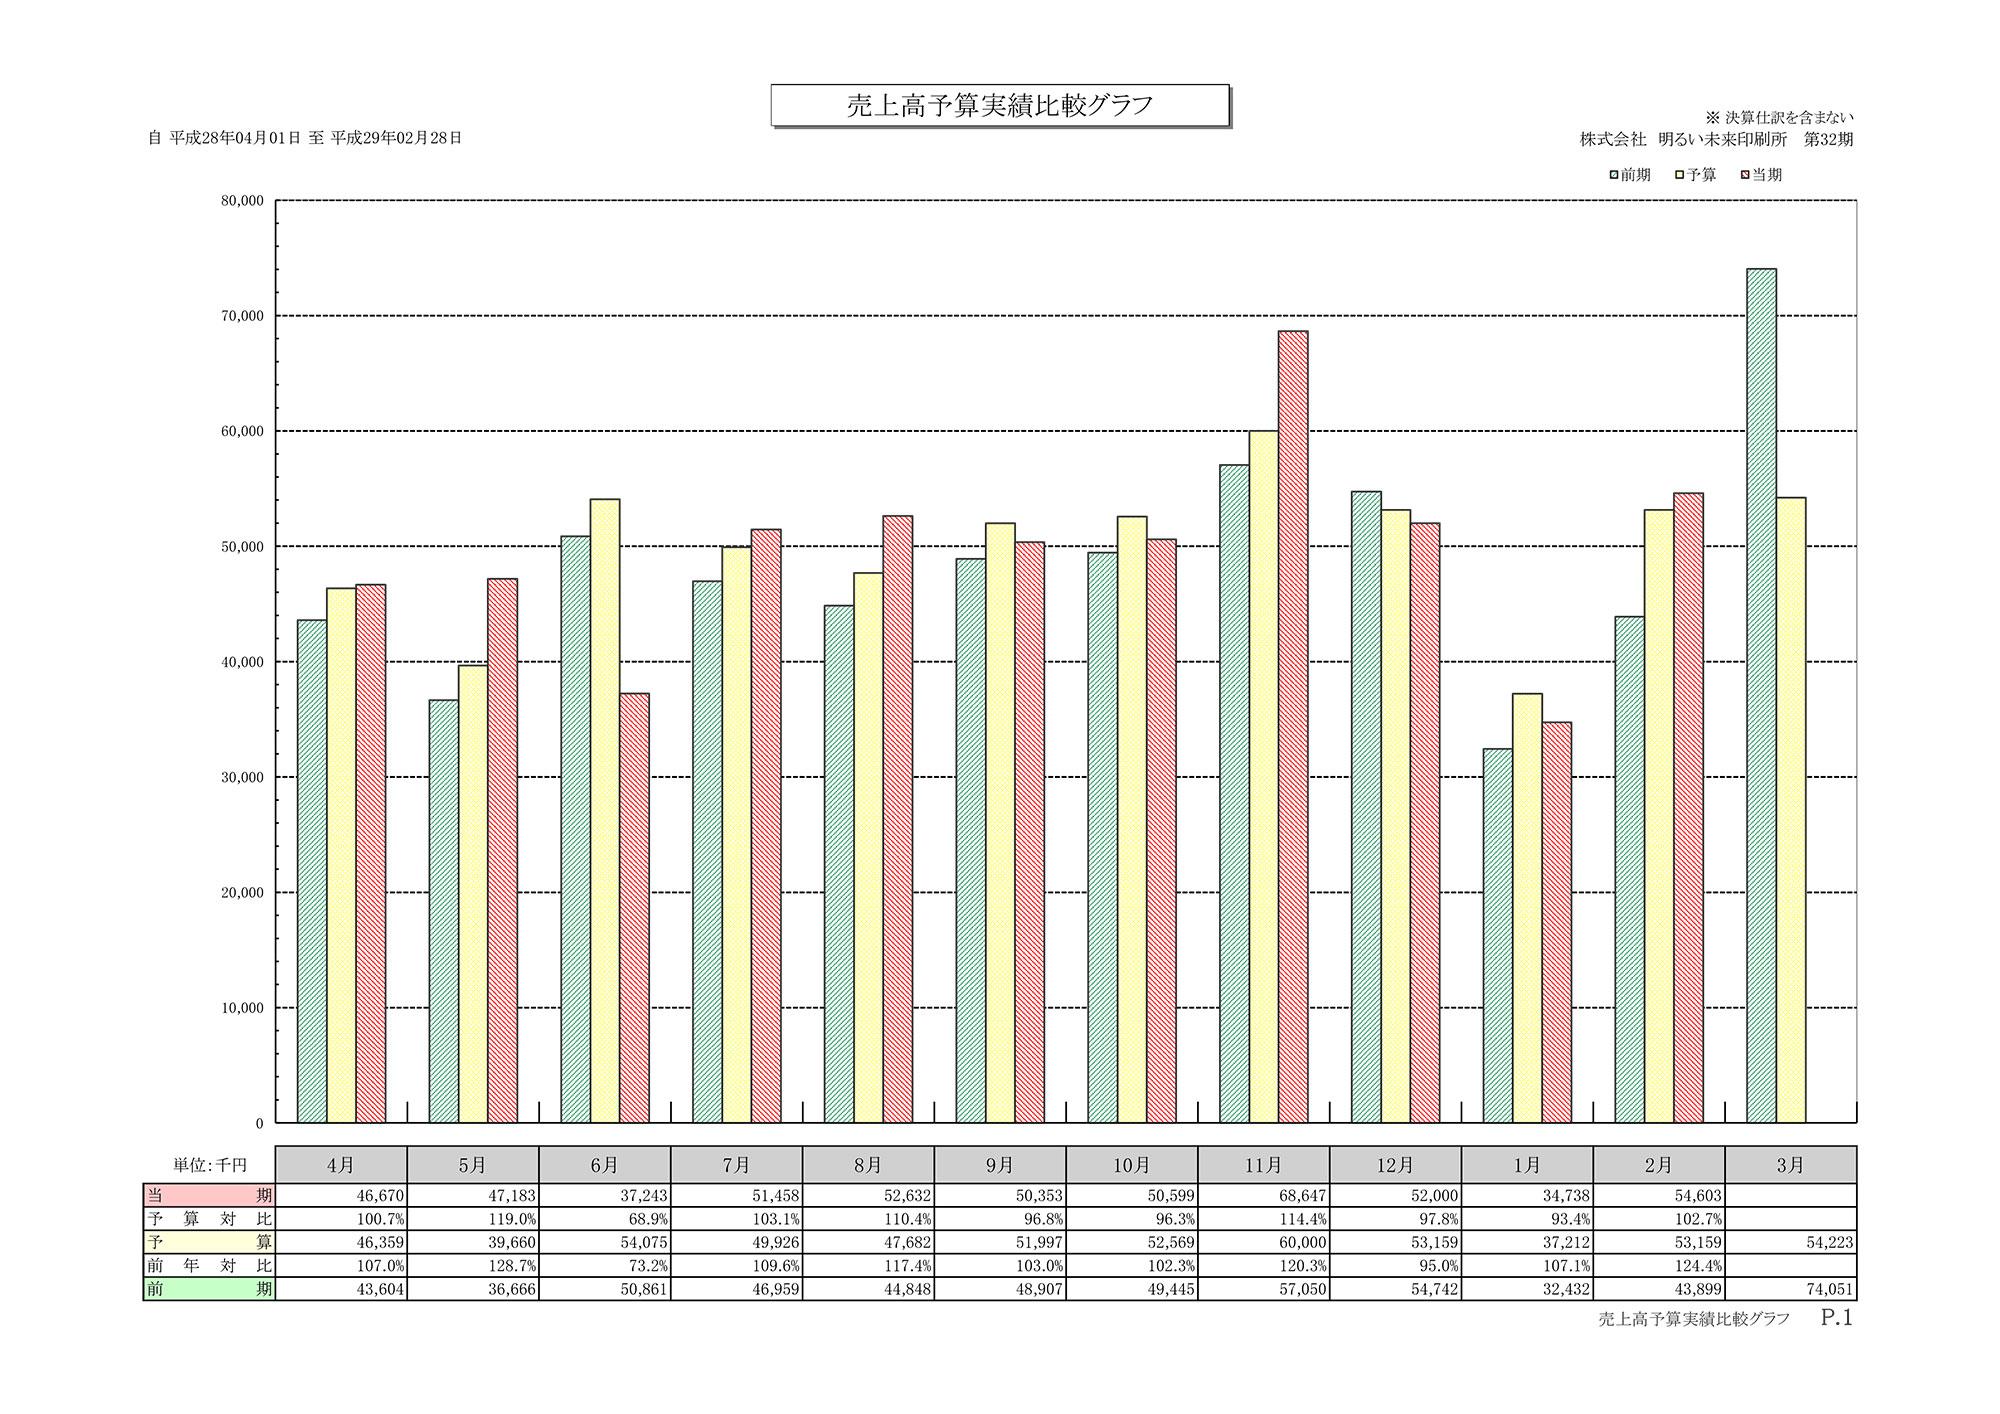 売上高予算実績比較グラフ